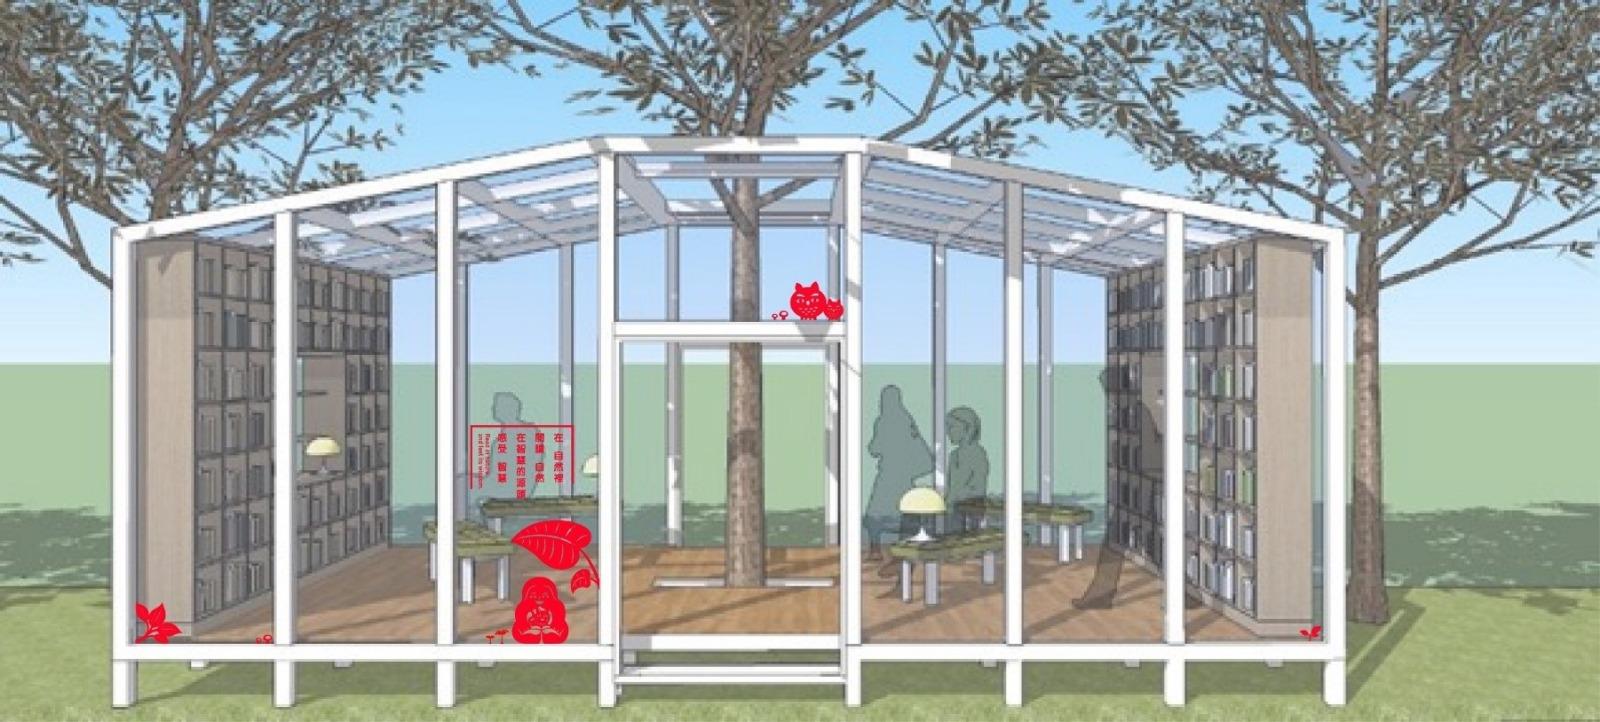 森林中徜徉書海 花博后里園區打造「森林圖書館」